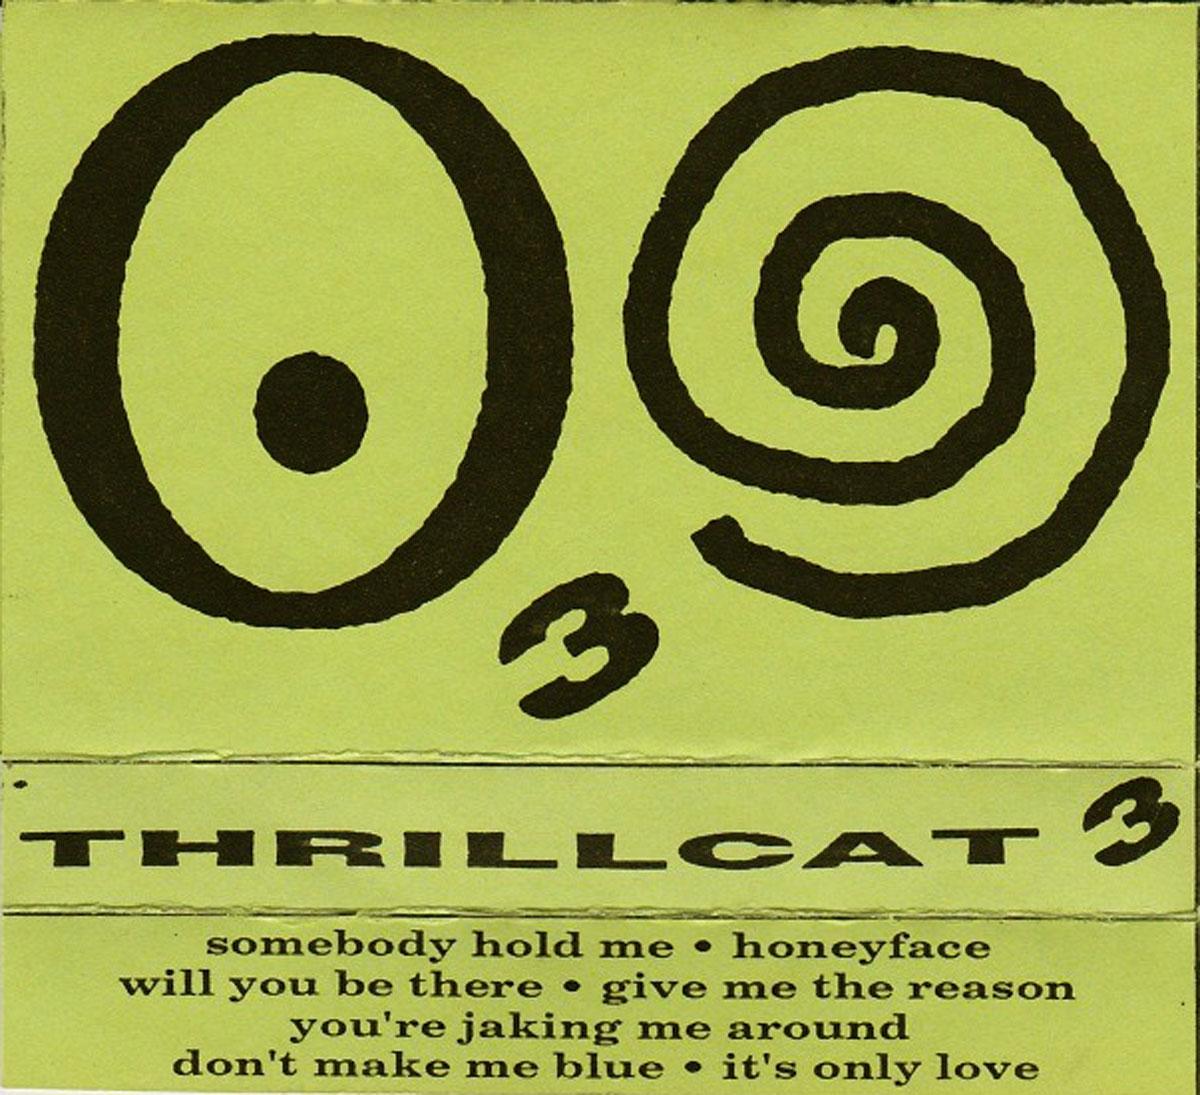 Thrillcat 3, 1992